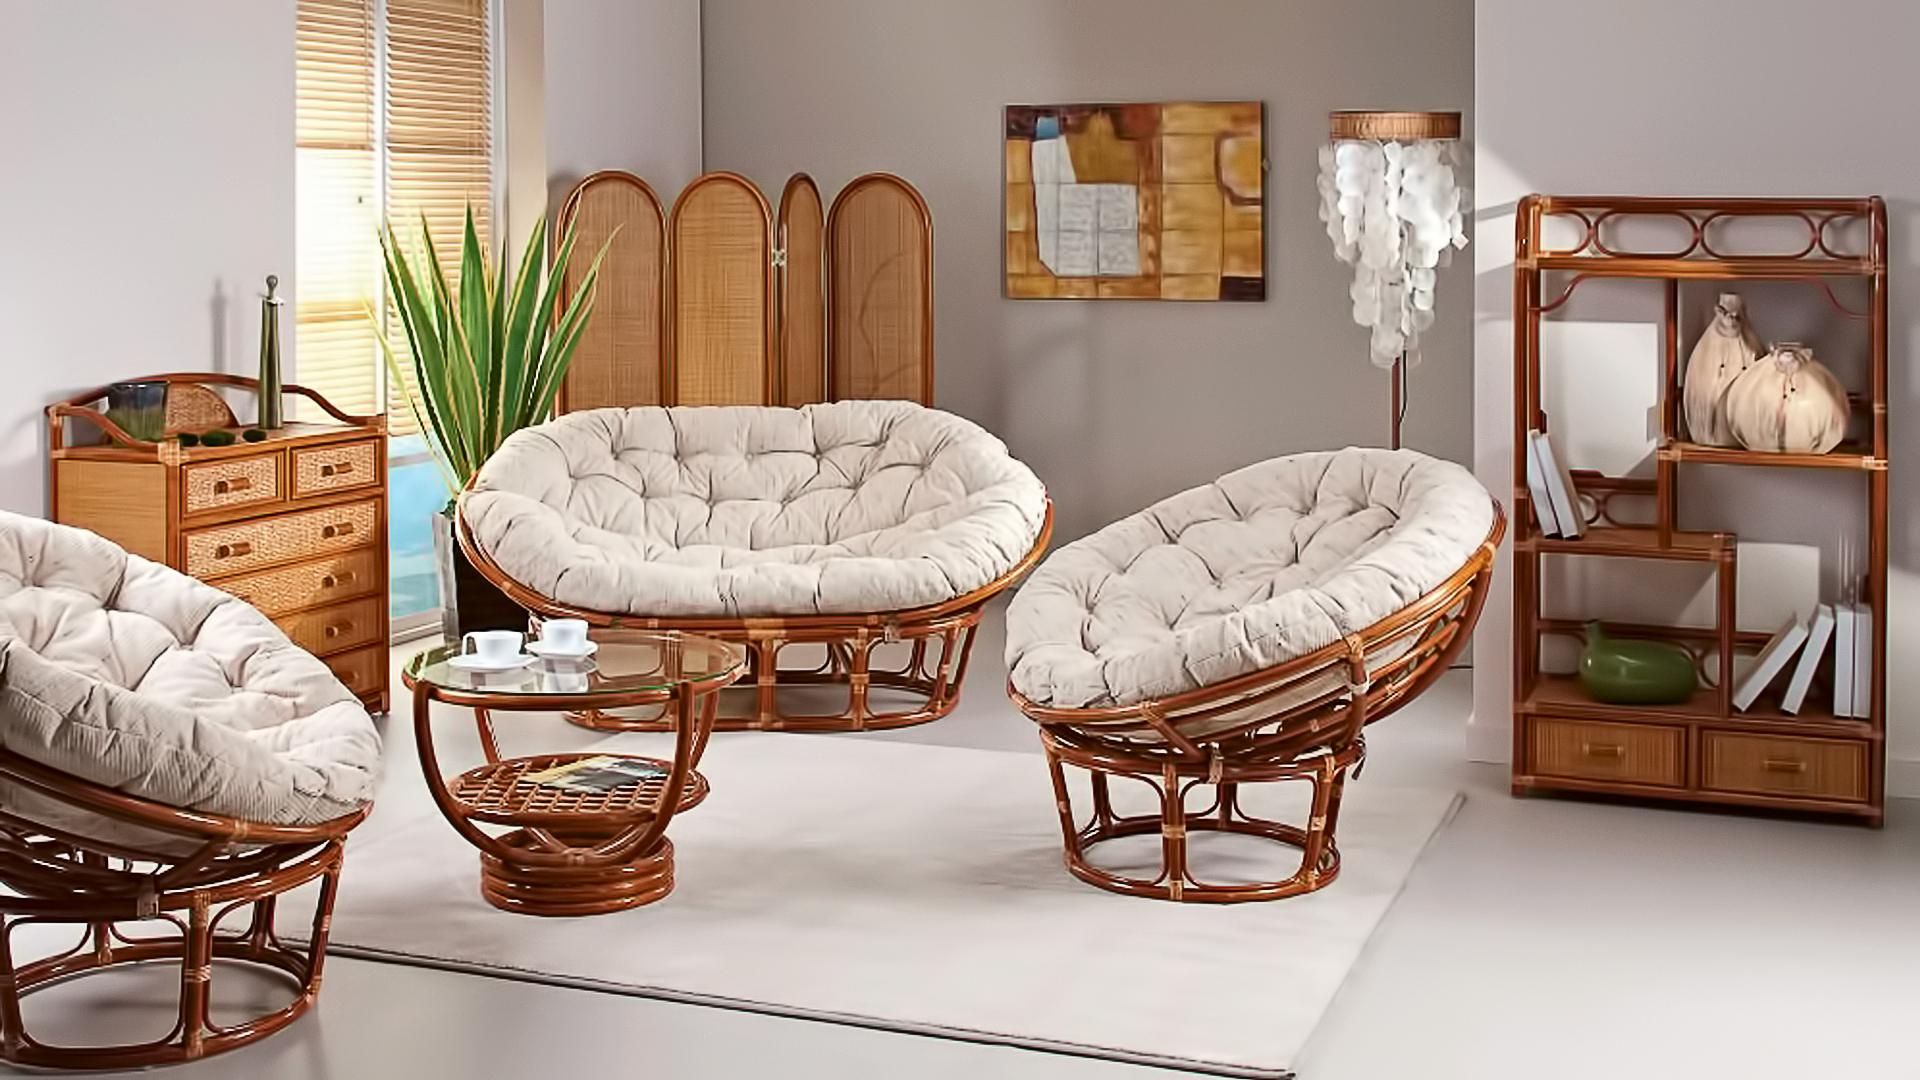 купить мебель дорого   mebelmodru